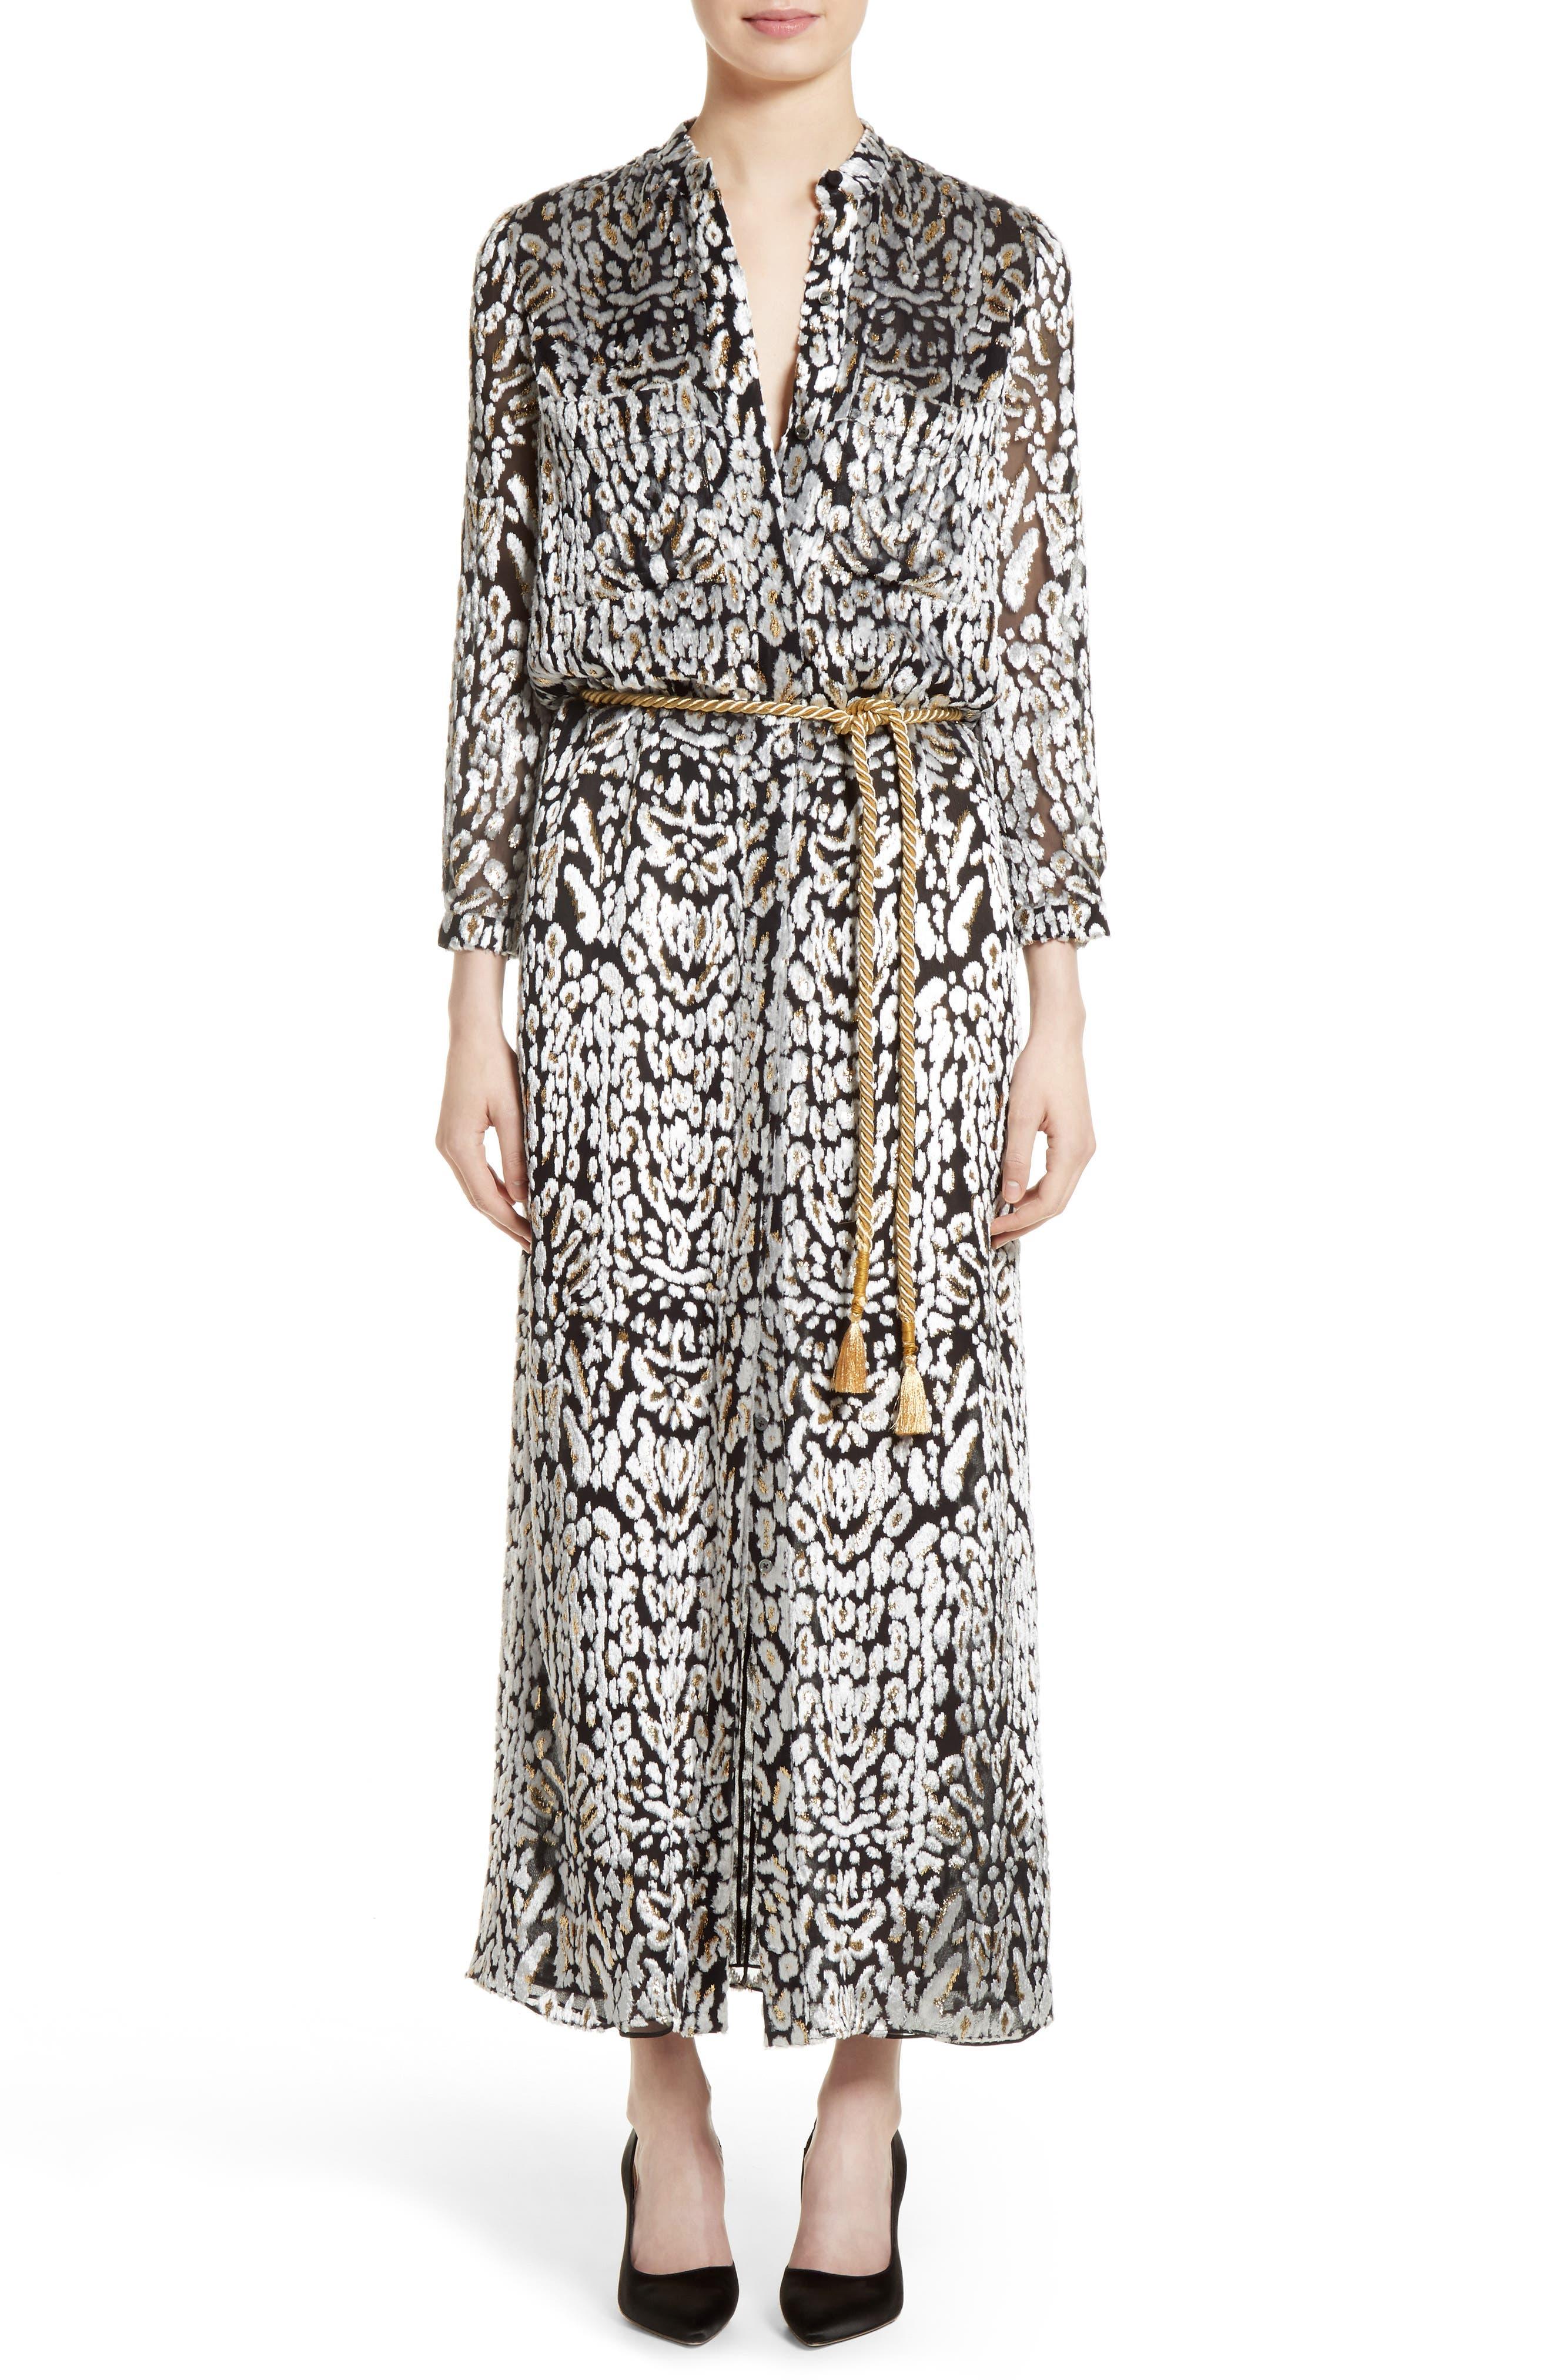 Main Image - Adam Lippes Ocelot Print Velvet Jacquard Dress